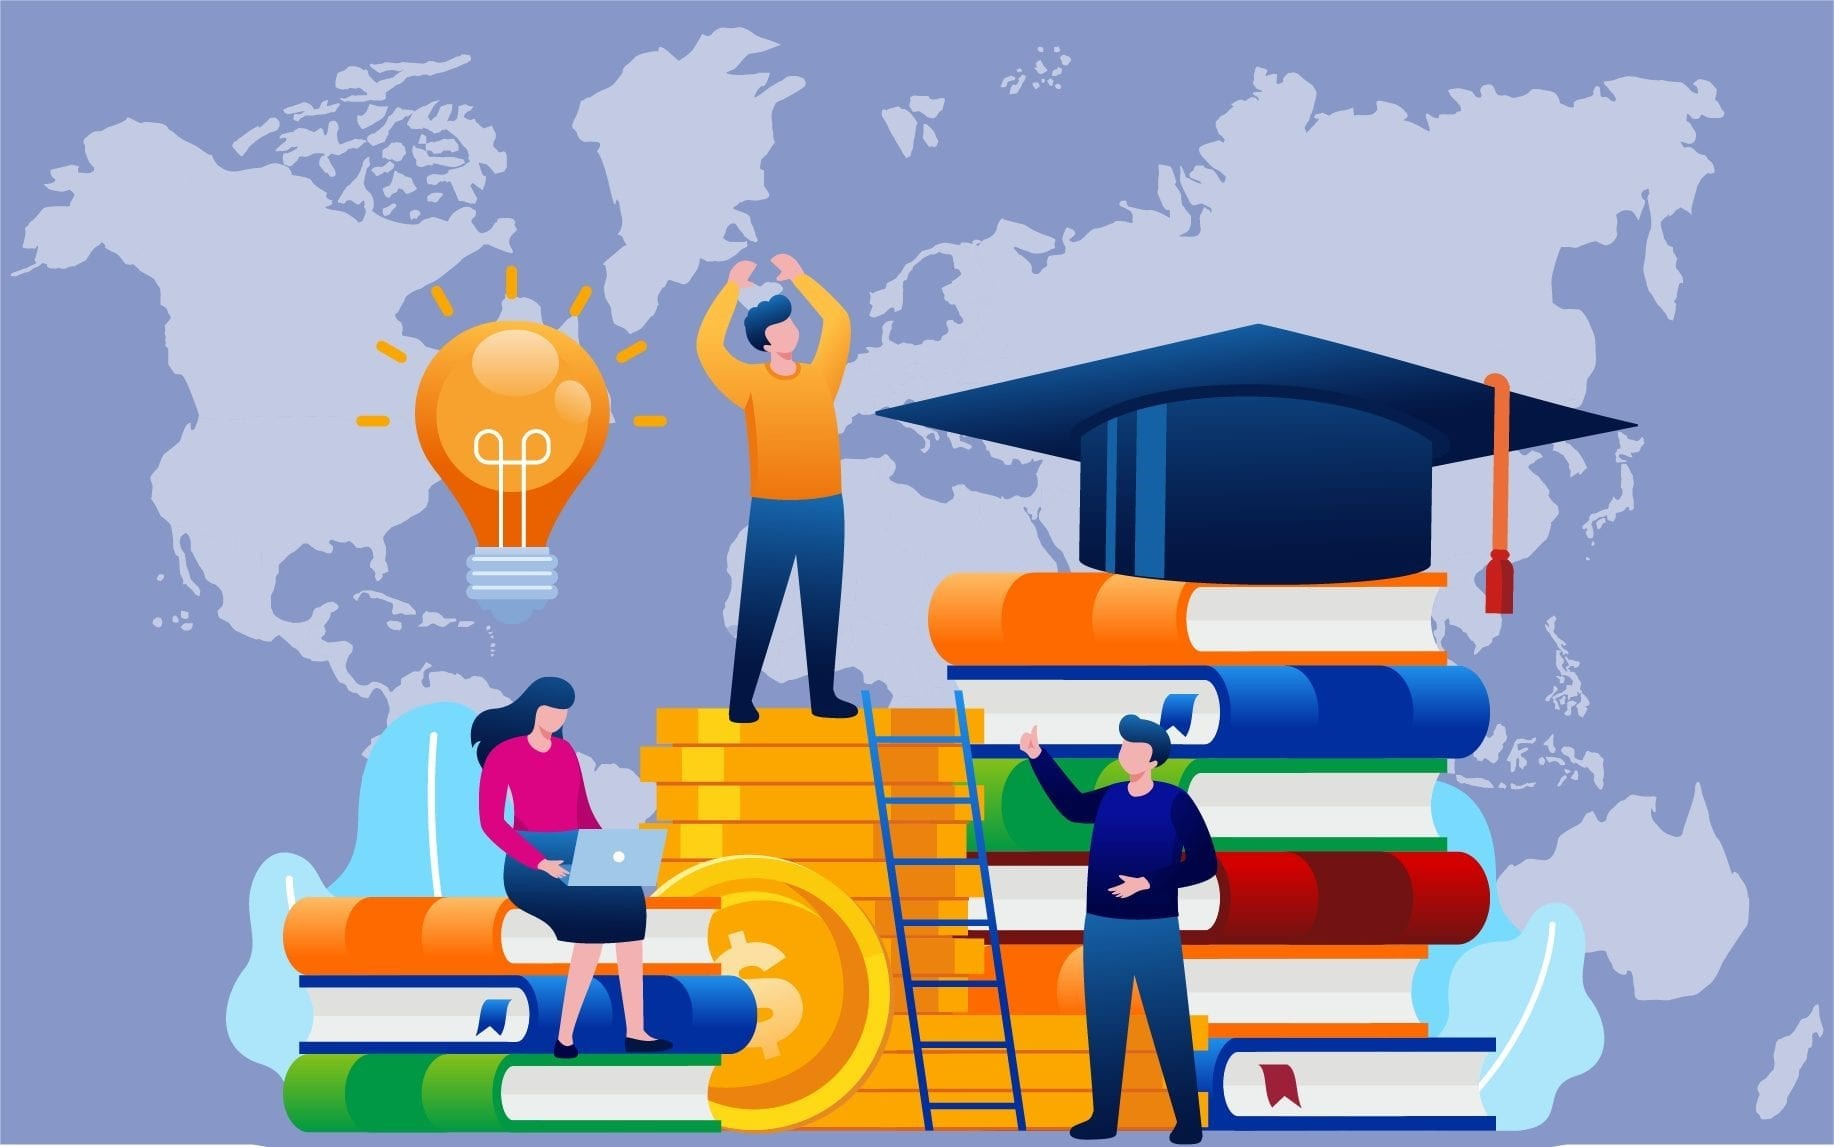 با لتسگویونی شرایط سخت مهاجرت تحصیلی آسان میشود